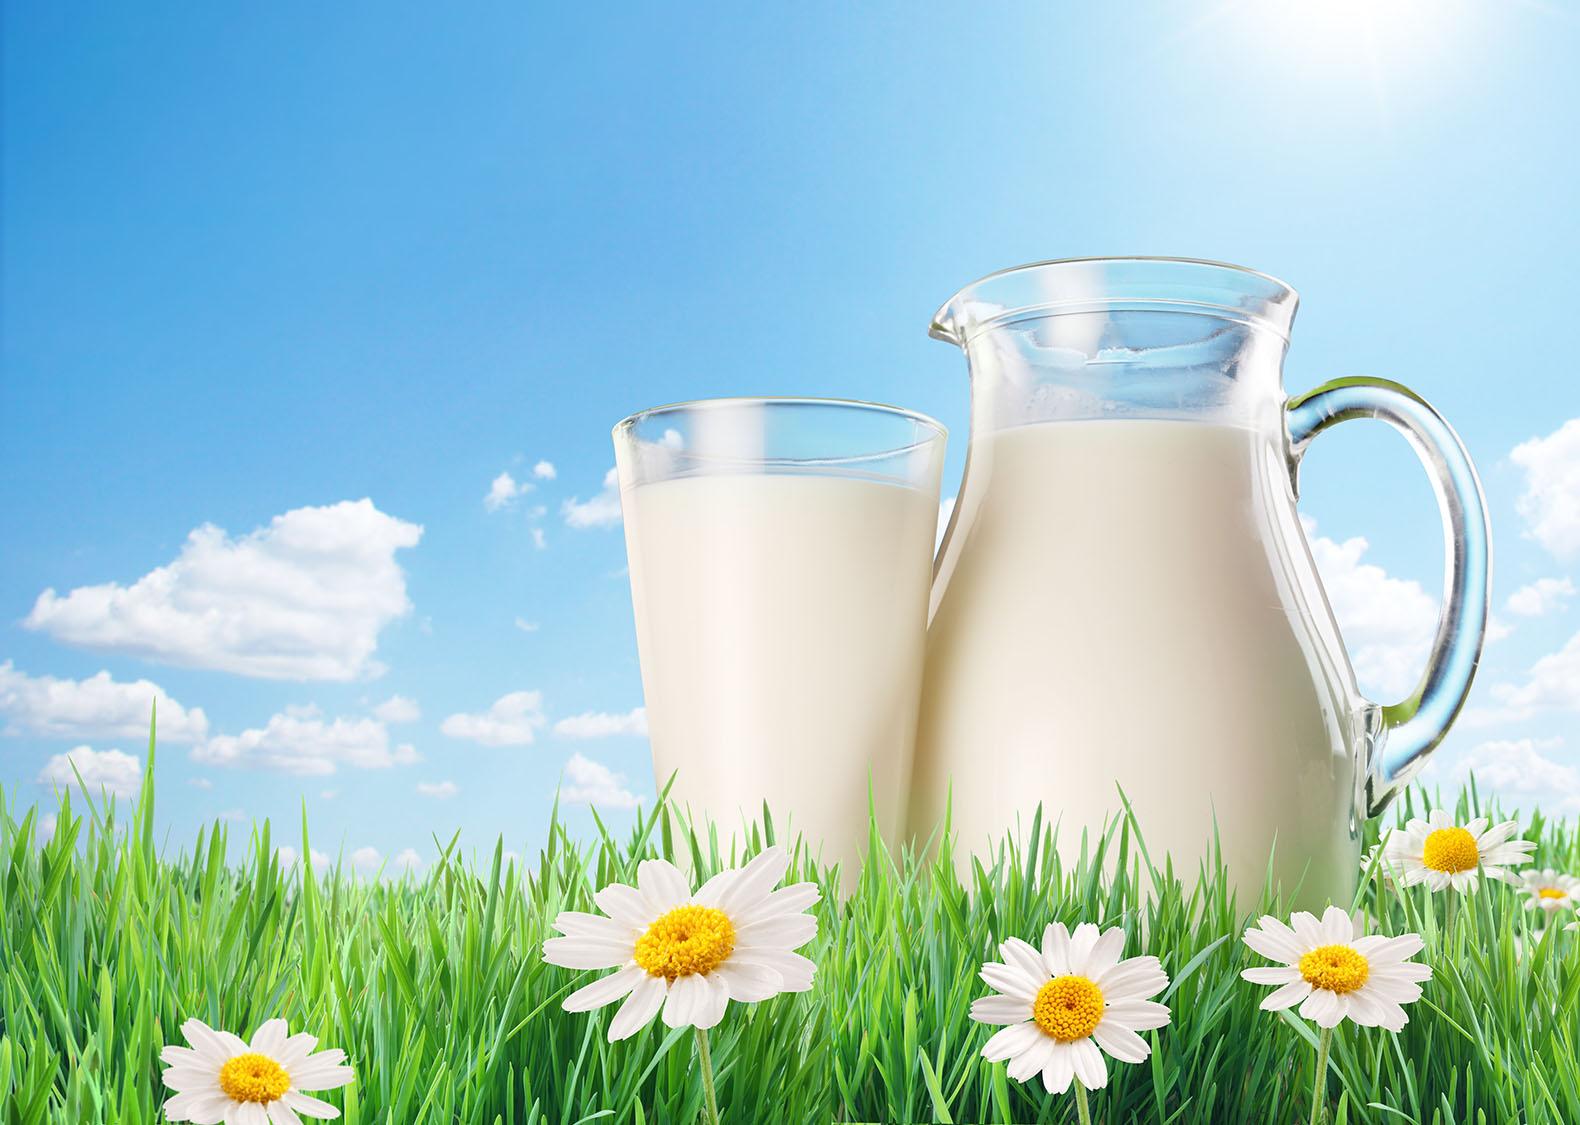 وزارة التجارة: توريد 350 ألف لتر من الحليب أسبوعيا